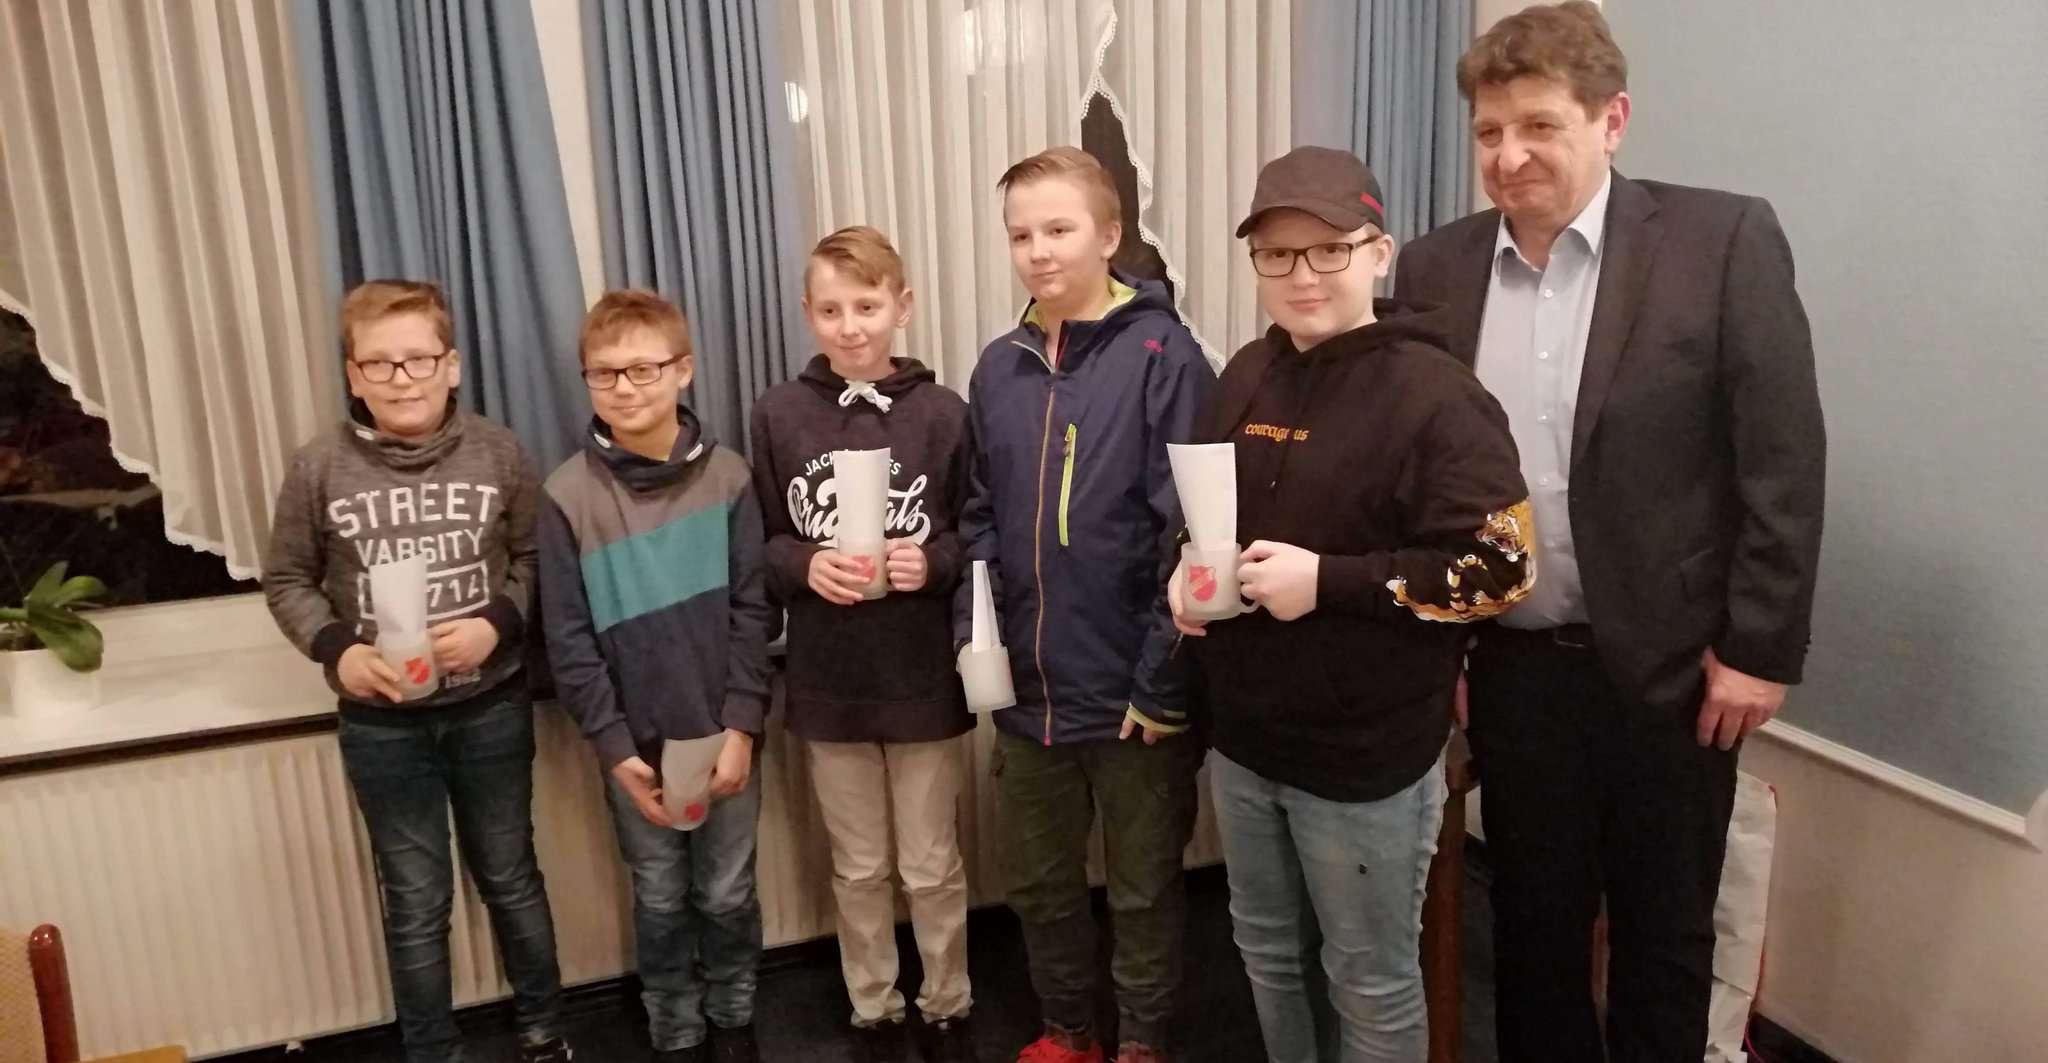 Einige der erfolgreichen Nachwuchs-Sportler des Tus Fintel erhielten eine Auszeichnung für ihre Leistung.